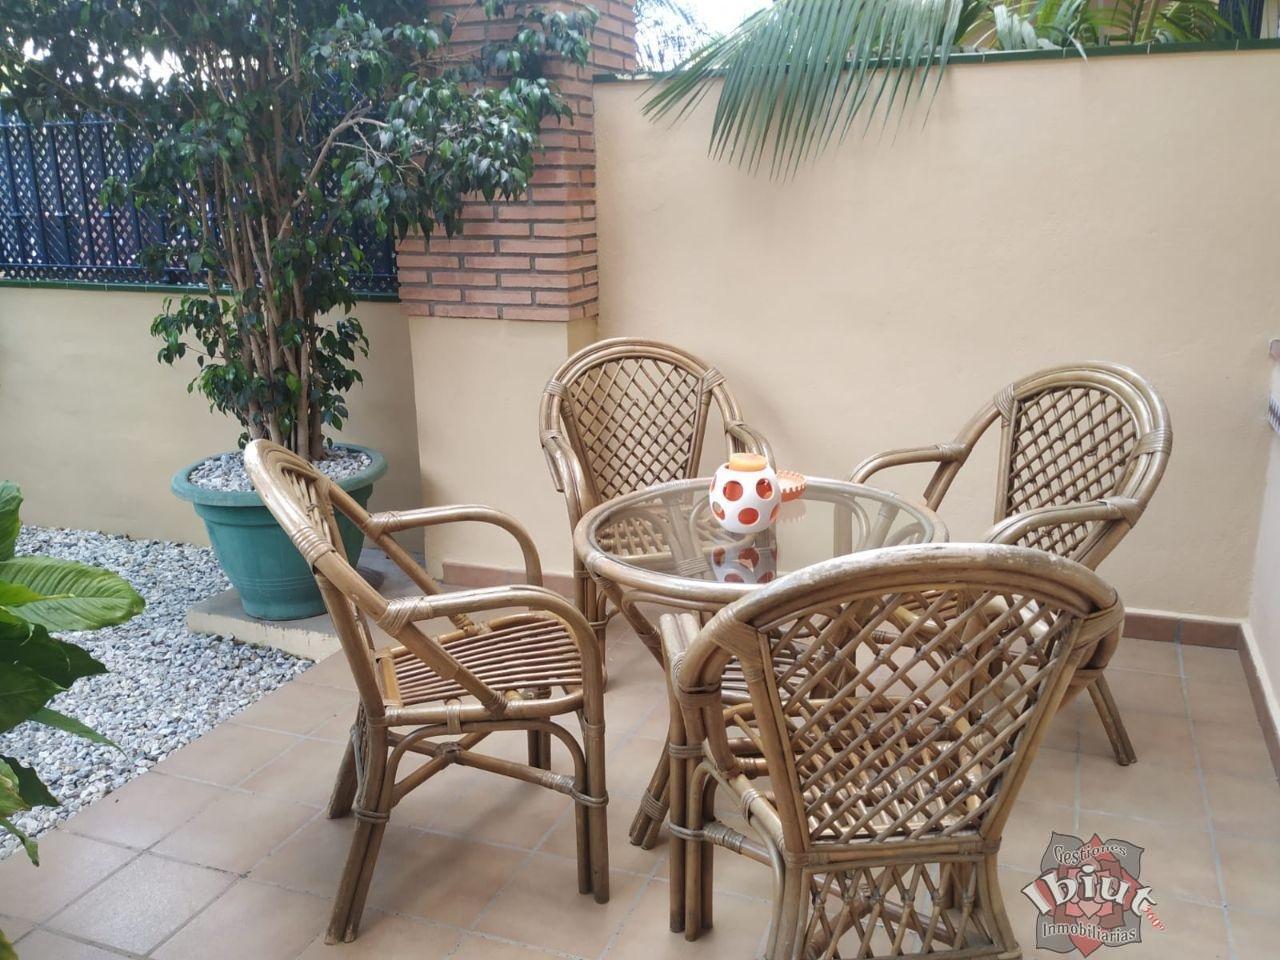 For rent of chalet in Caleta de Vélez